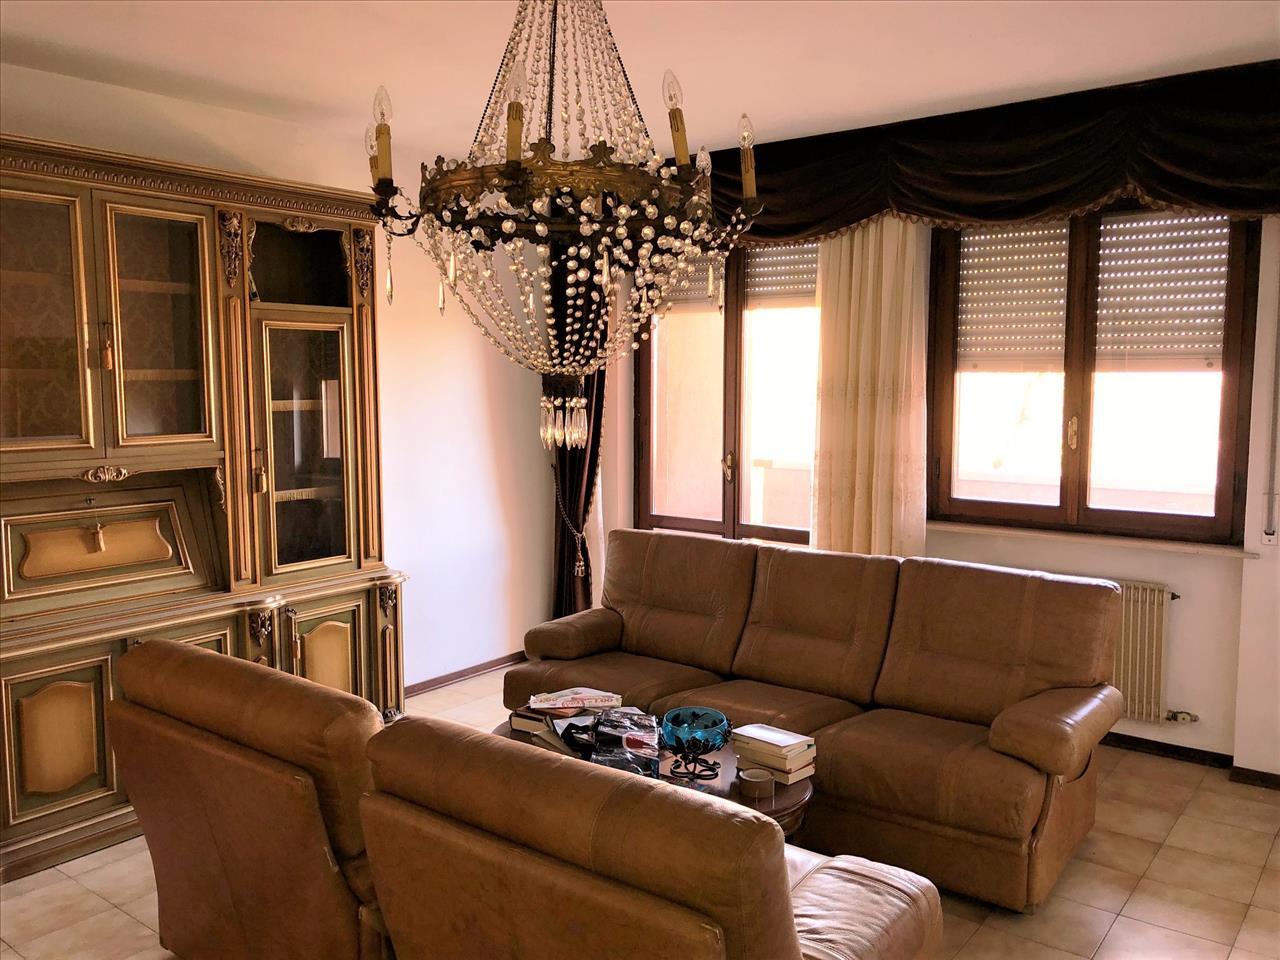 VIGOLZONE, appartamento trilocale al PIANO RIALZATO di Ca.100 Mq.  in zona tranquilla vicinanze scuole e piscina, con cantina e garage. Cl.F(280,17) LIBERO SUBITO